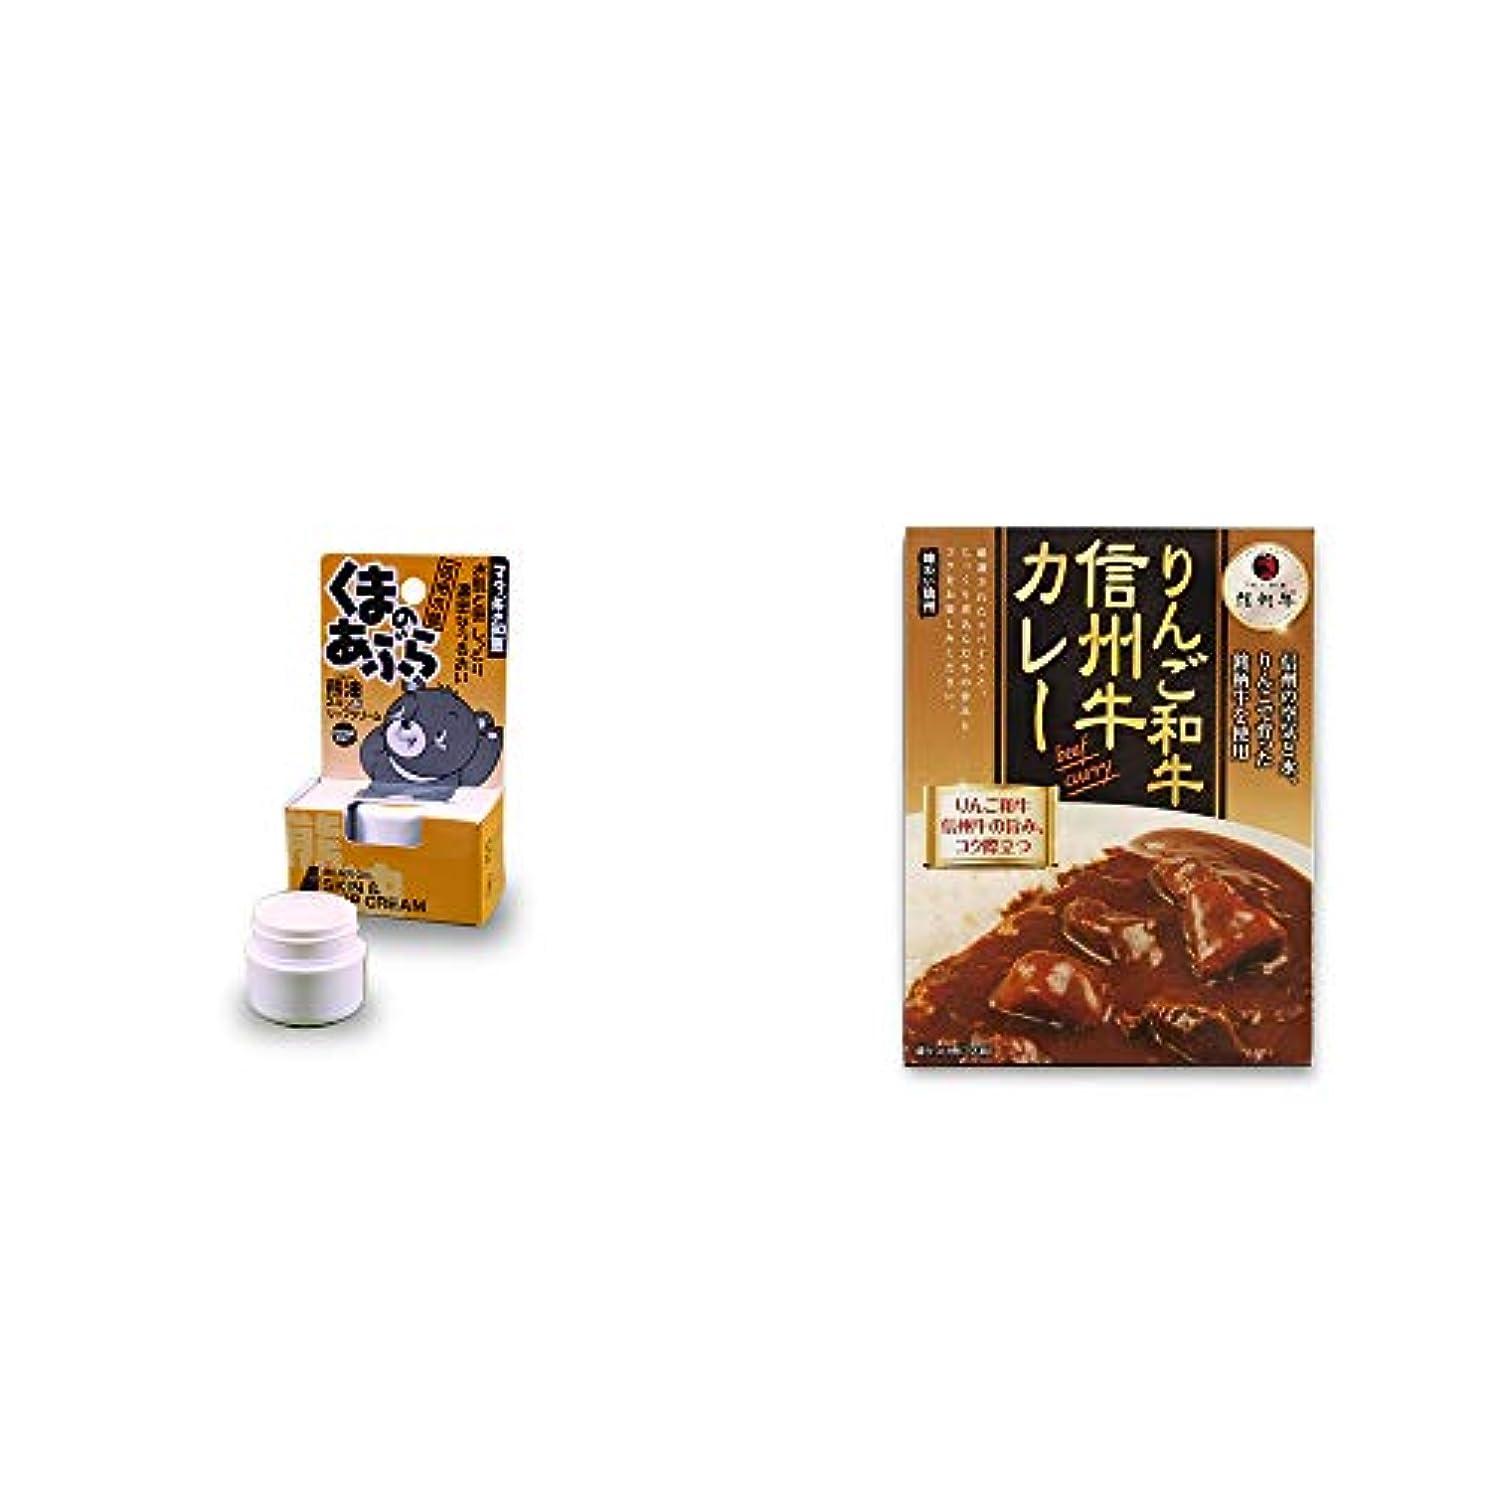 たるみ臭い偽[2点セット] 信州木曽 くまのあぶら 熊油スキン&リップクリーム(9g)?りんご和牛 信州牛カレー(1食分)